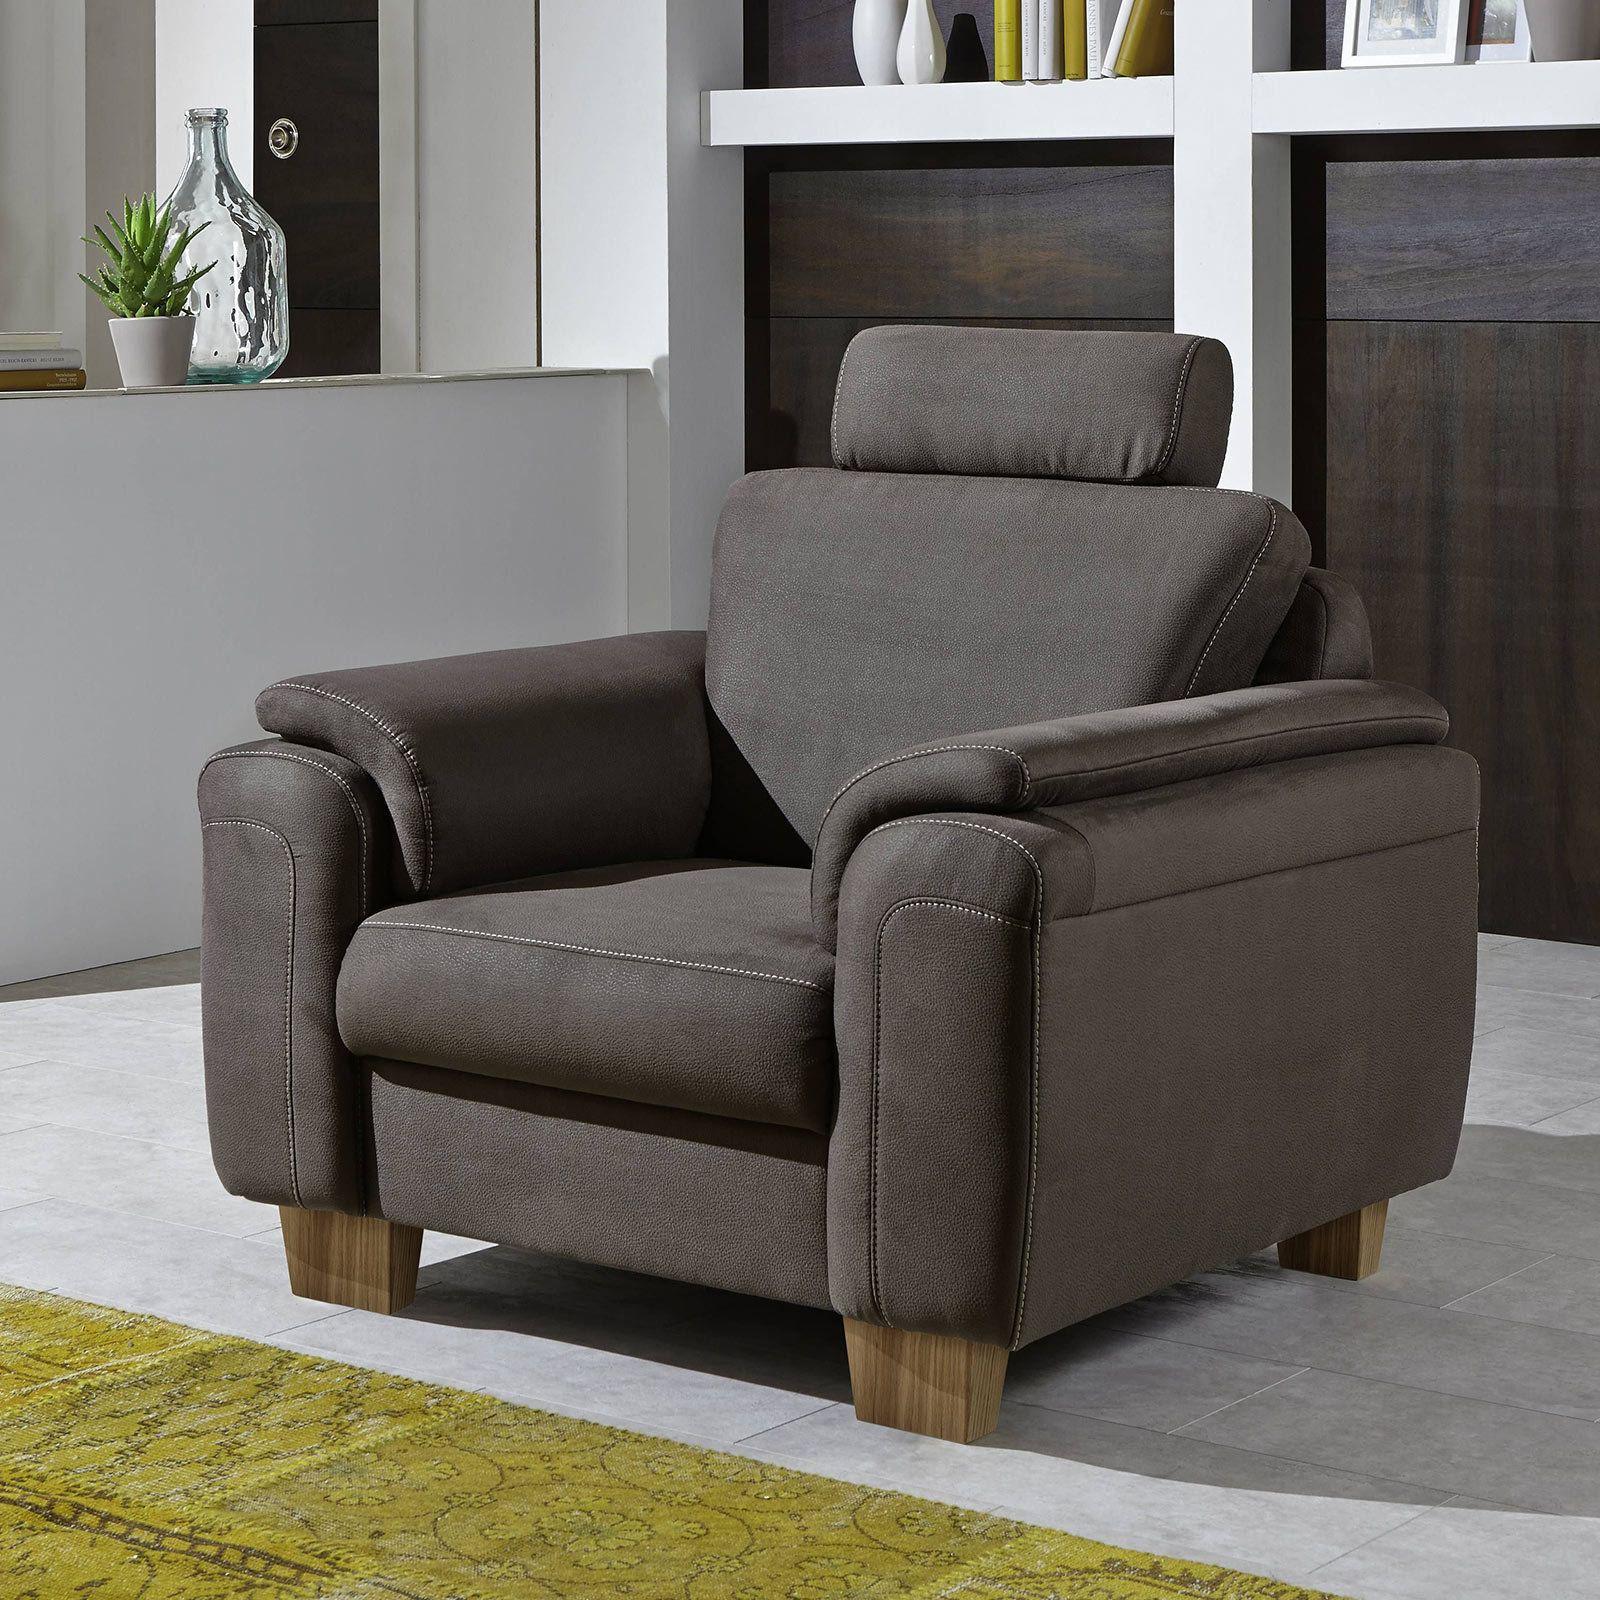 Schau Mal Was Ich Bei Roller Gefunden Habe Sessel Nougat Microfaser Sessel Fernsehsessel Holzwerkstoff